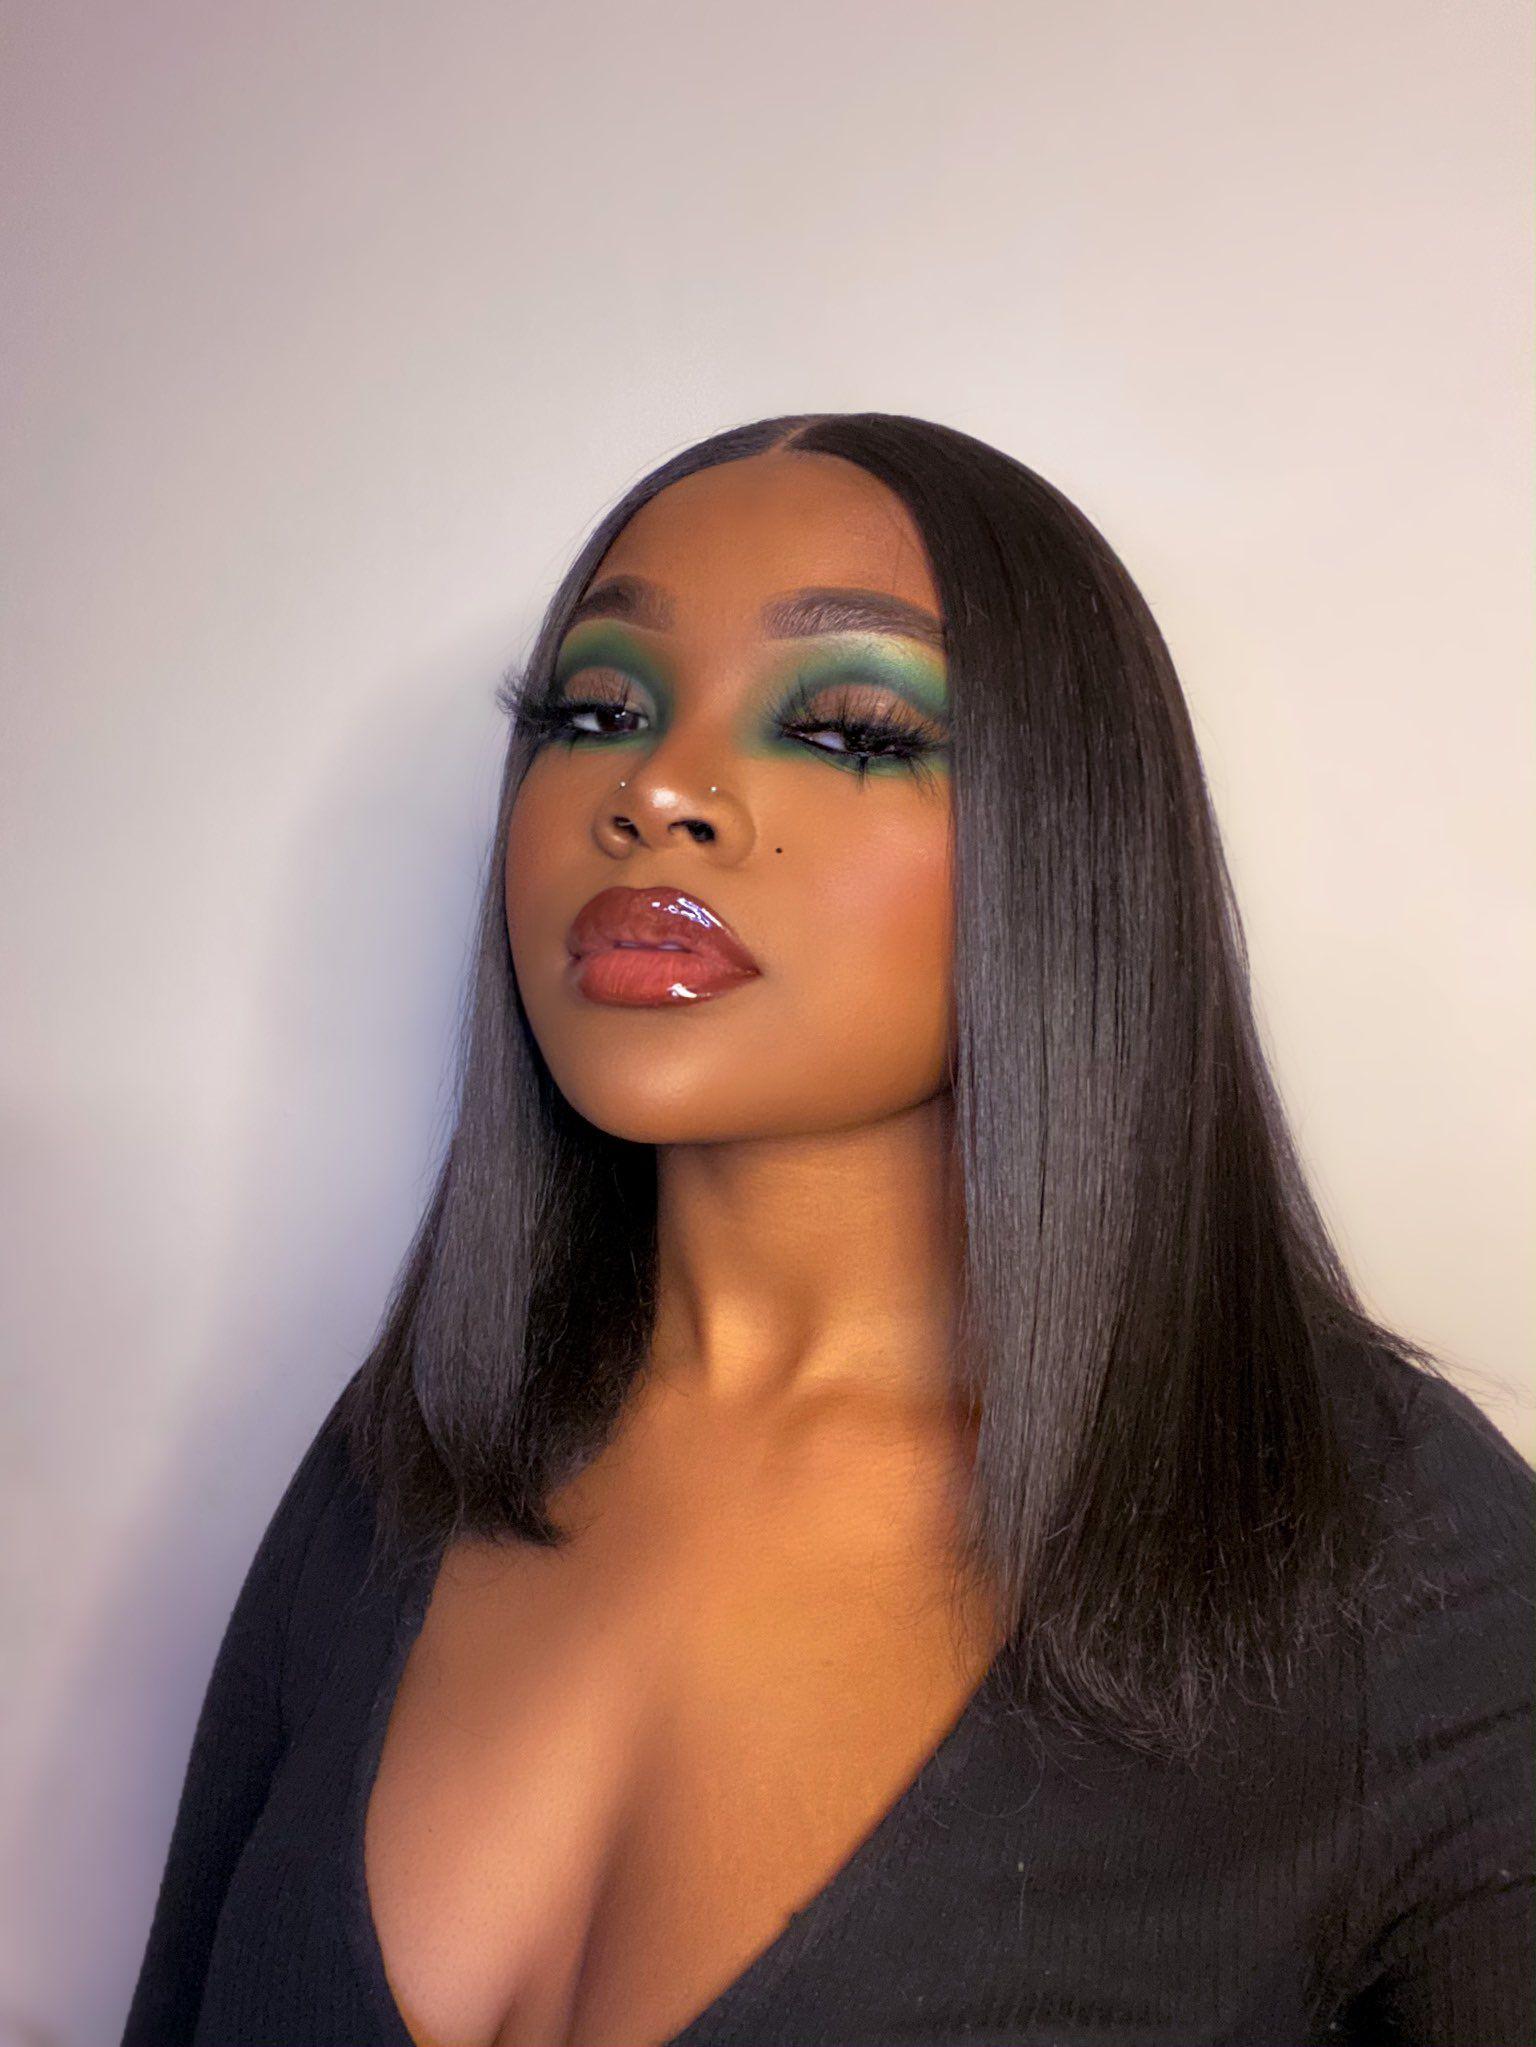 Pin By Alana On Woc Makeup In 2020 Cute Makeup Hair Makeup